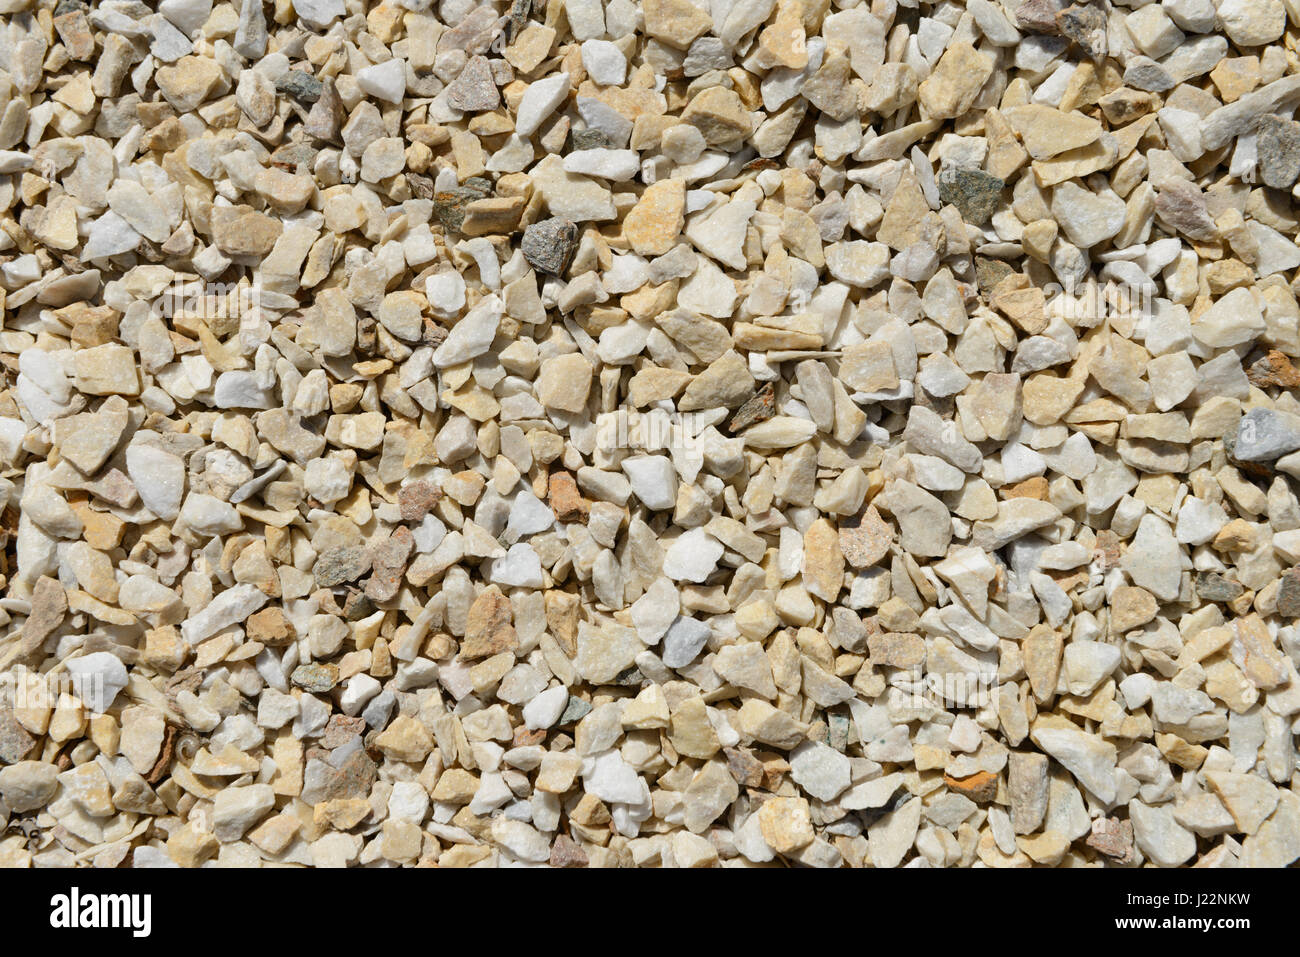 Crushed stone stock photos crushed stone stock images for Decorative gravel sydney